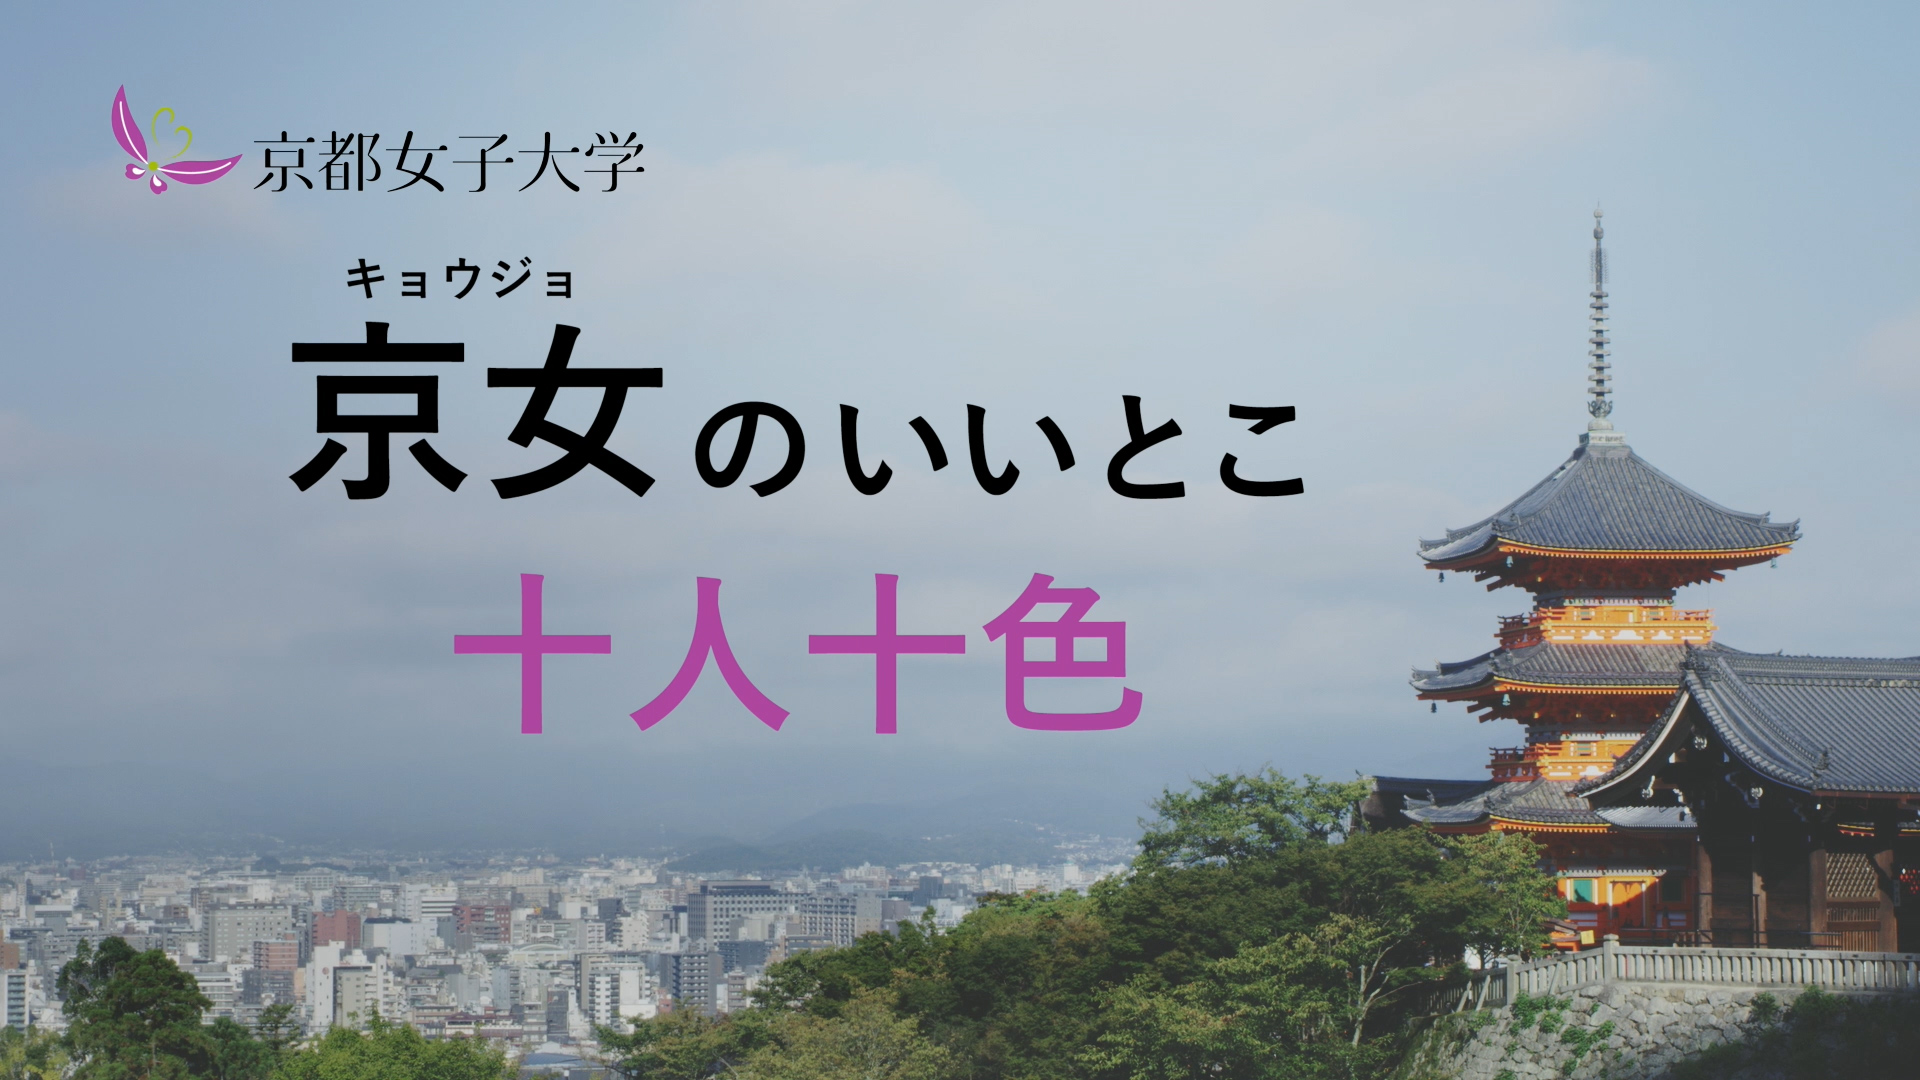 京都女子大学 TVCM            「京女のいいとこ 十人十色2018 篇」